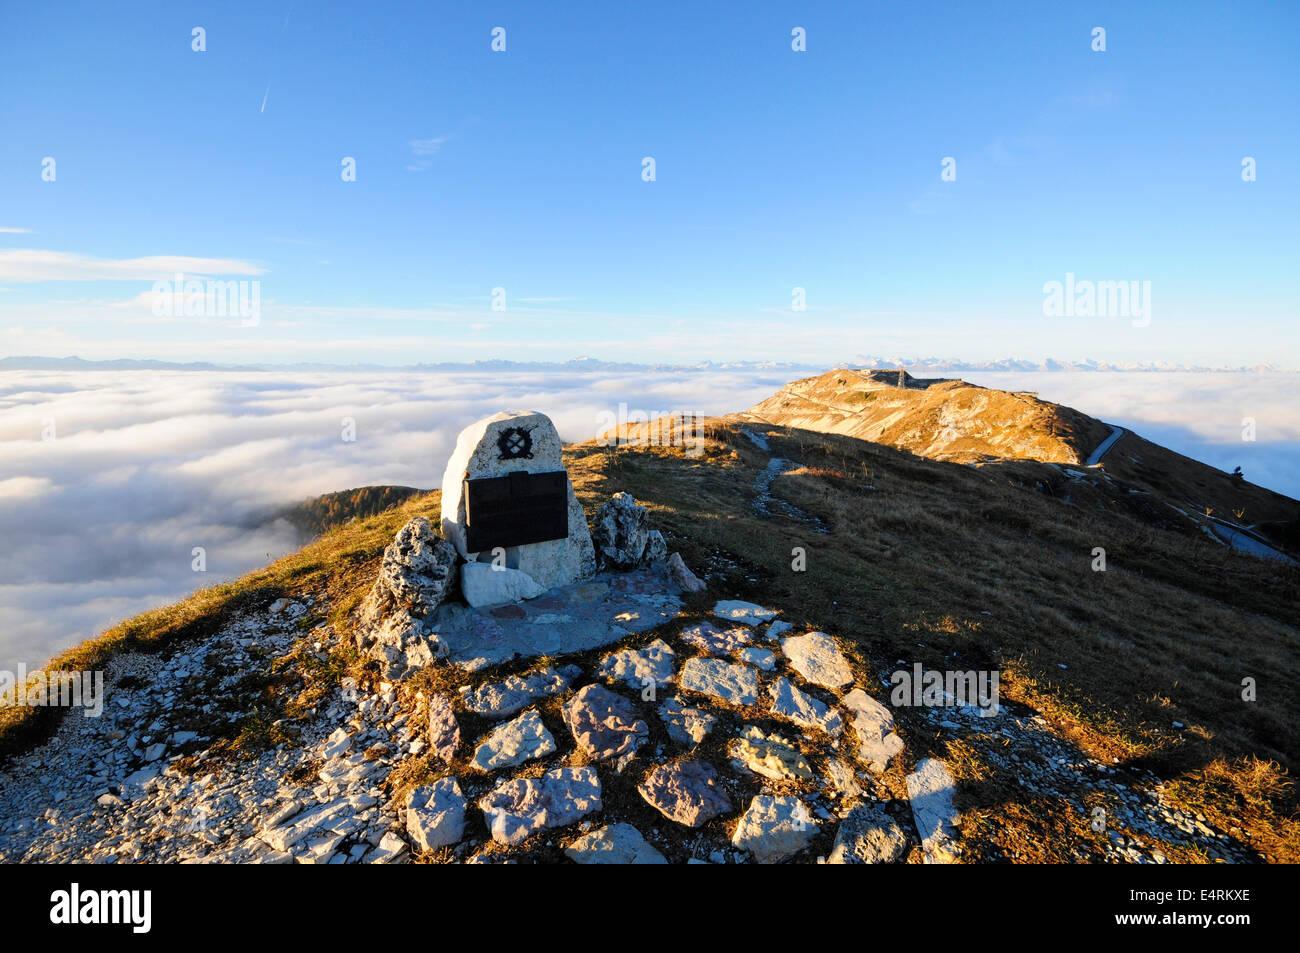 Monumento militar en la cima de una montaña con una luz que emerge de las nubes Foto de stock